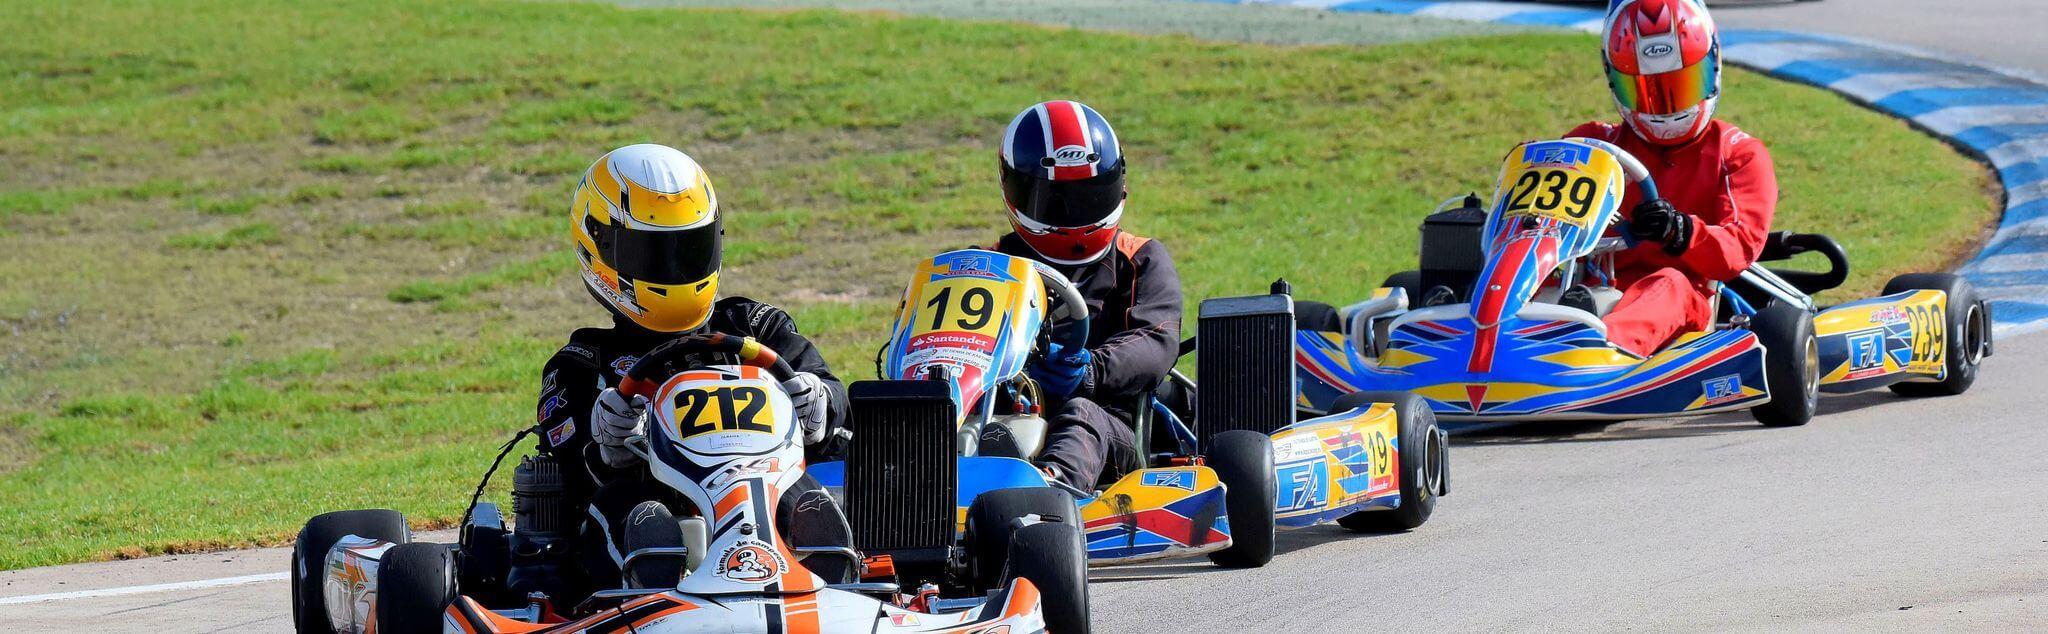 Karting dans Yvelines